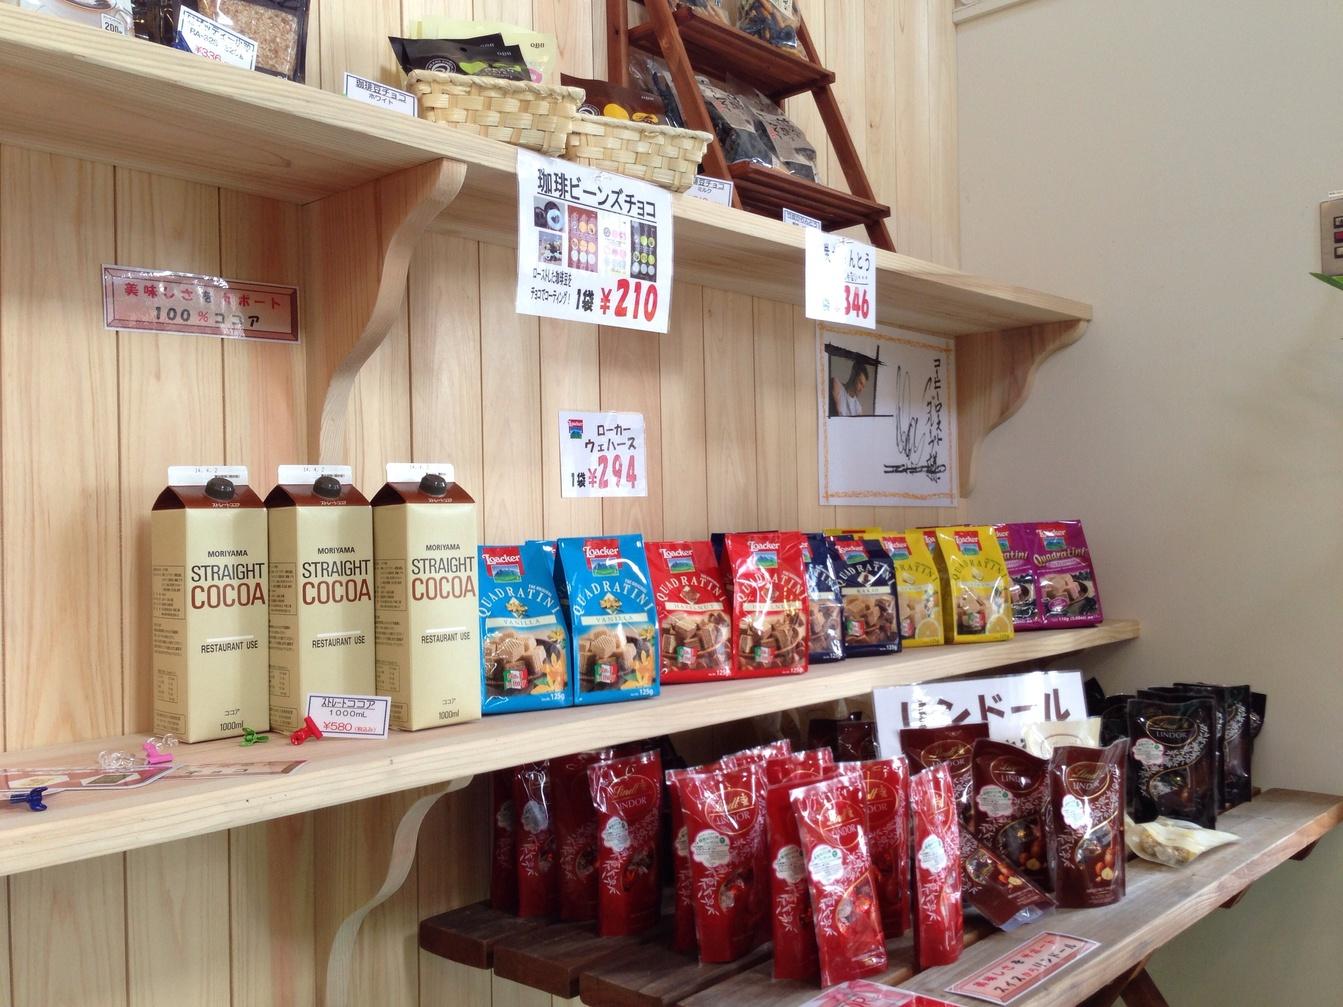 コーヒーロースト 犬山店